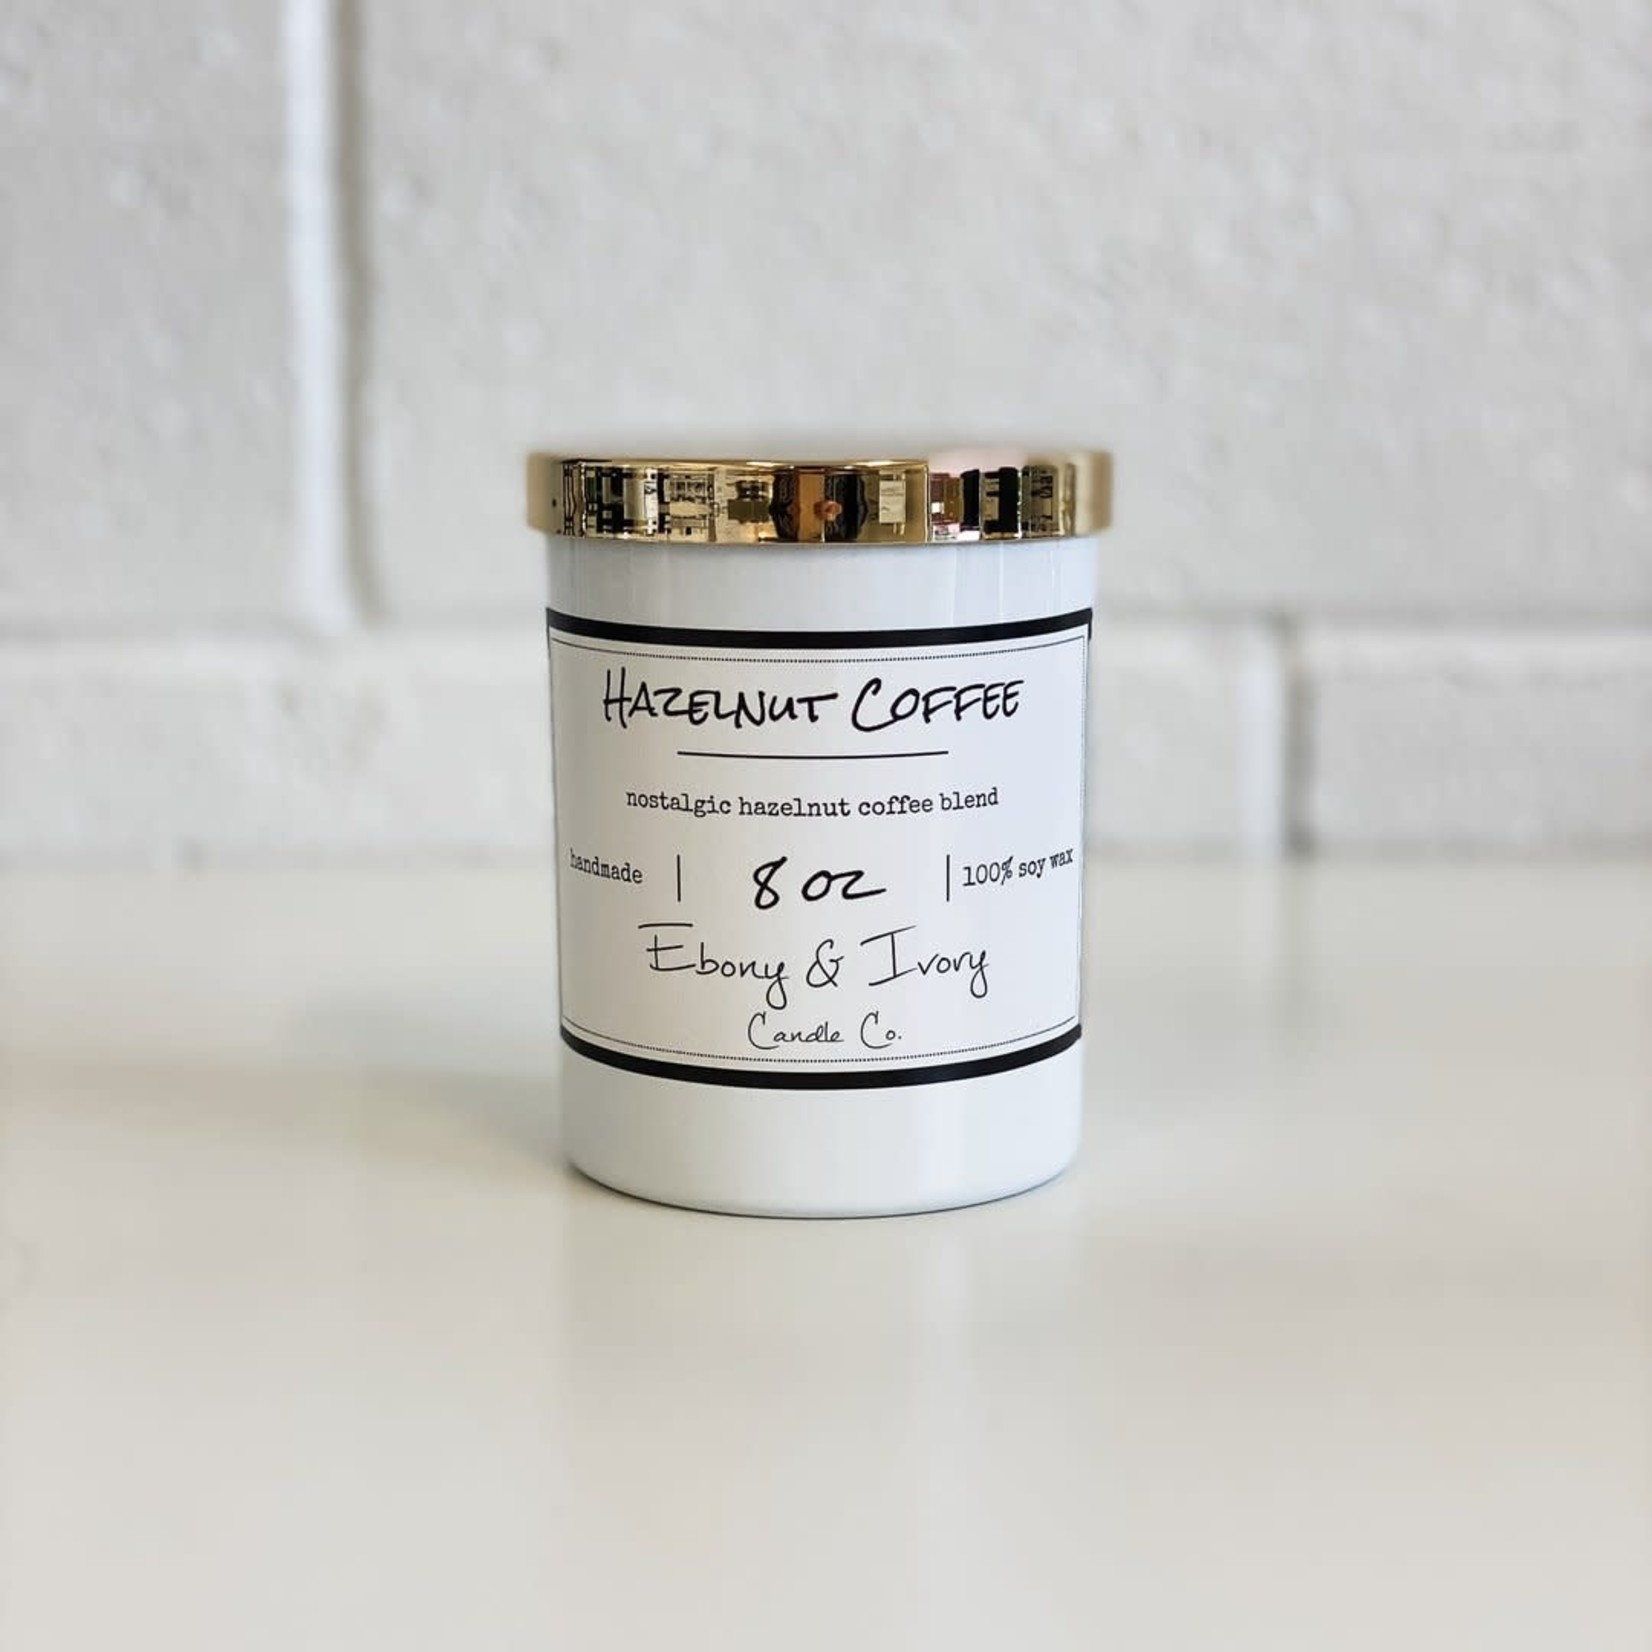 Ebony & Ivory Candle - Hazelnut Coffee